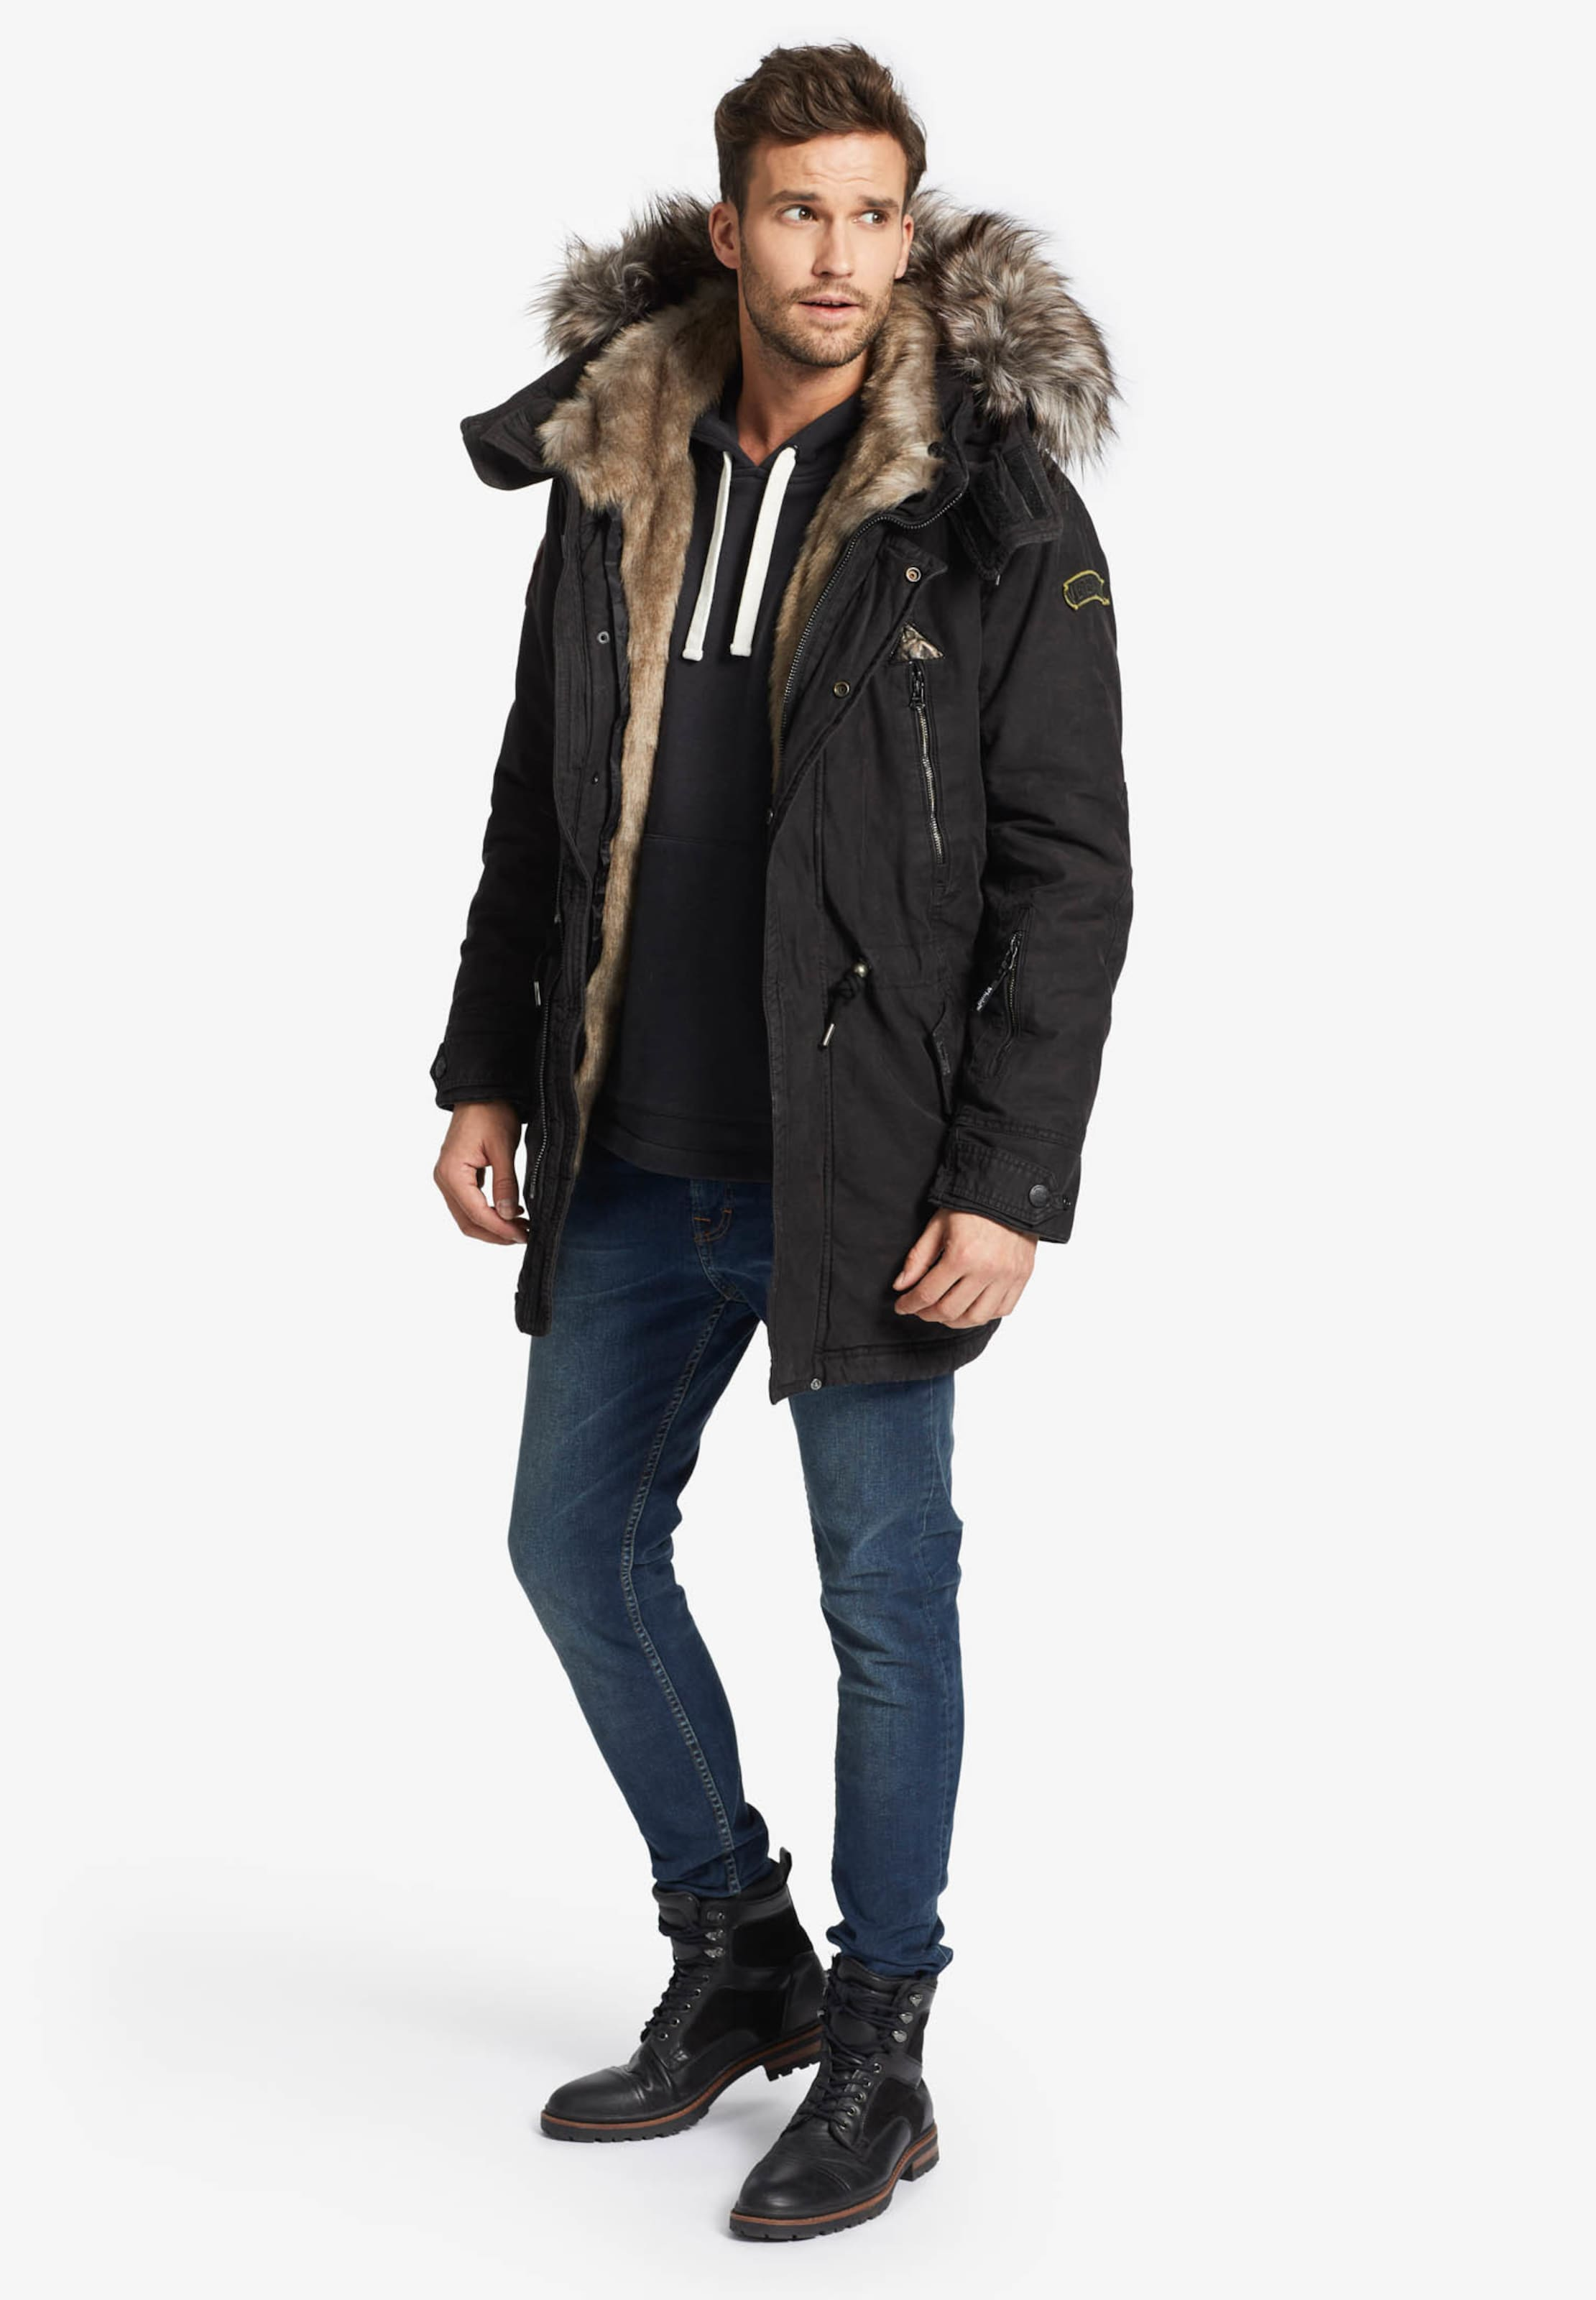 Parka Jacket' Noir Khujo En Inner 'unkar Solid D'hiver With Fur dexBrCoW